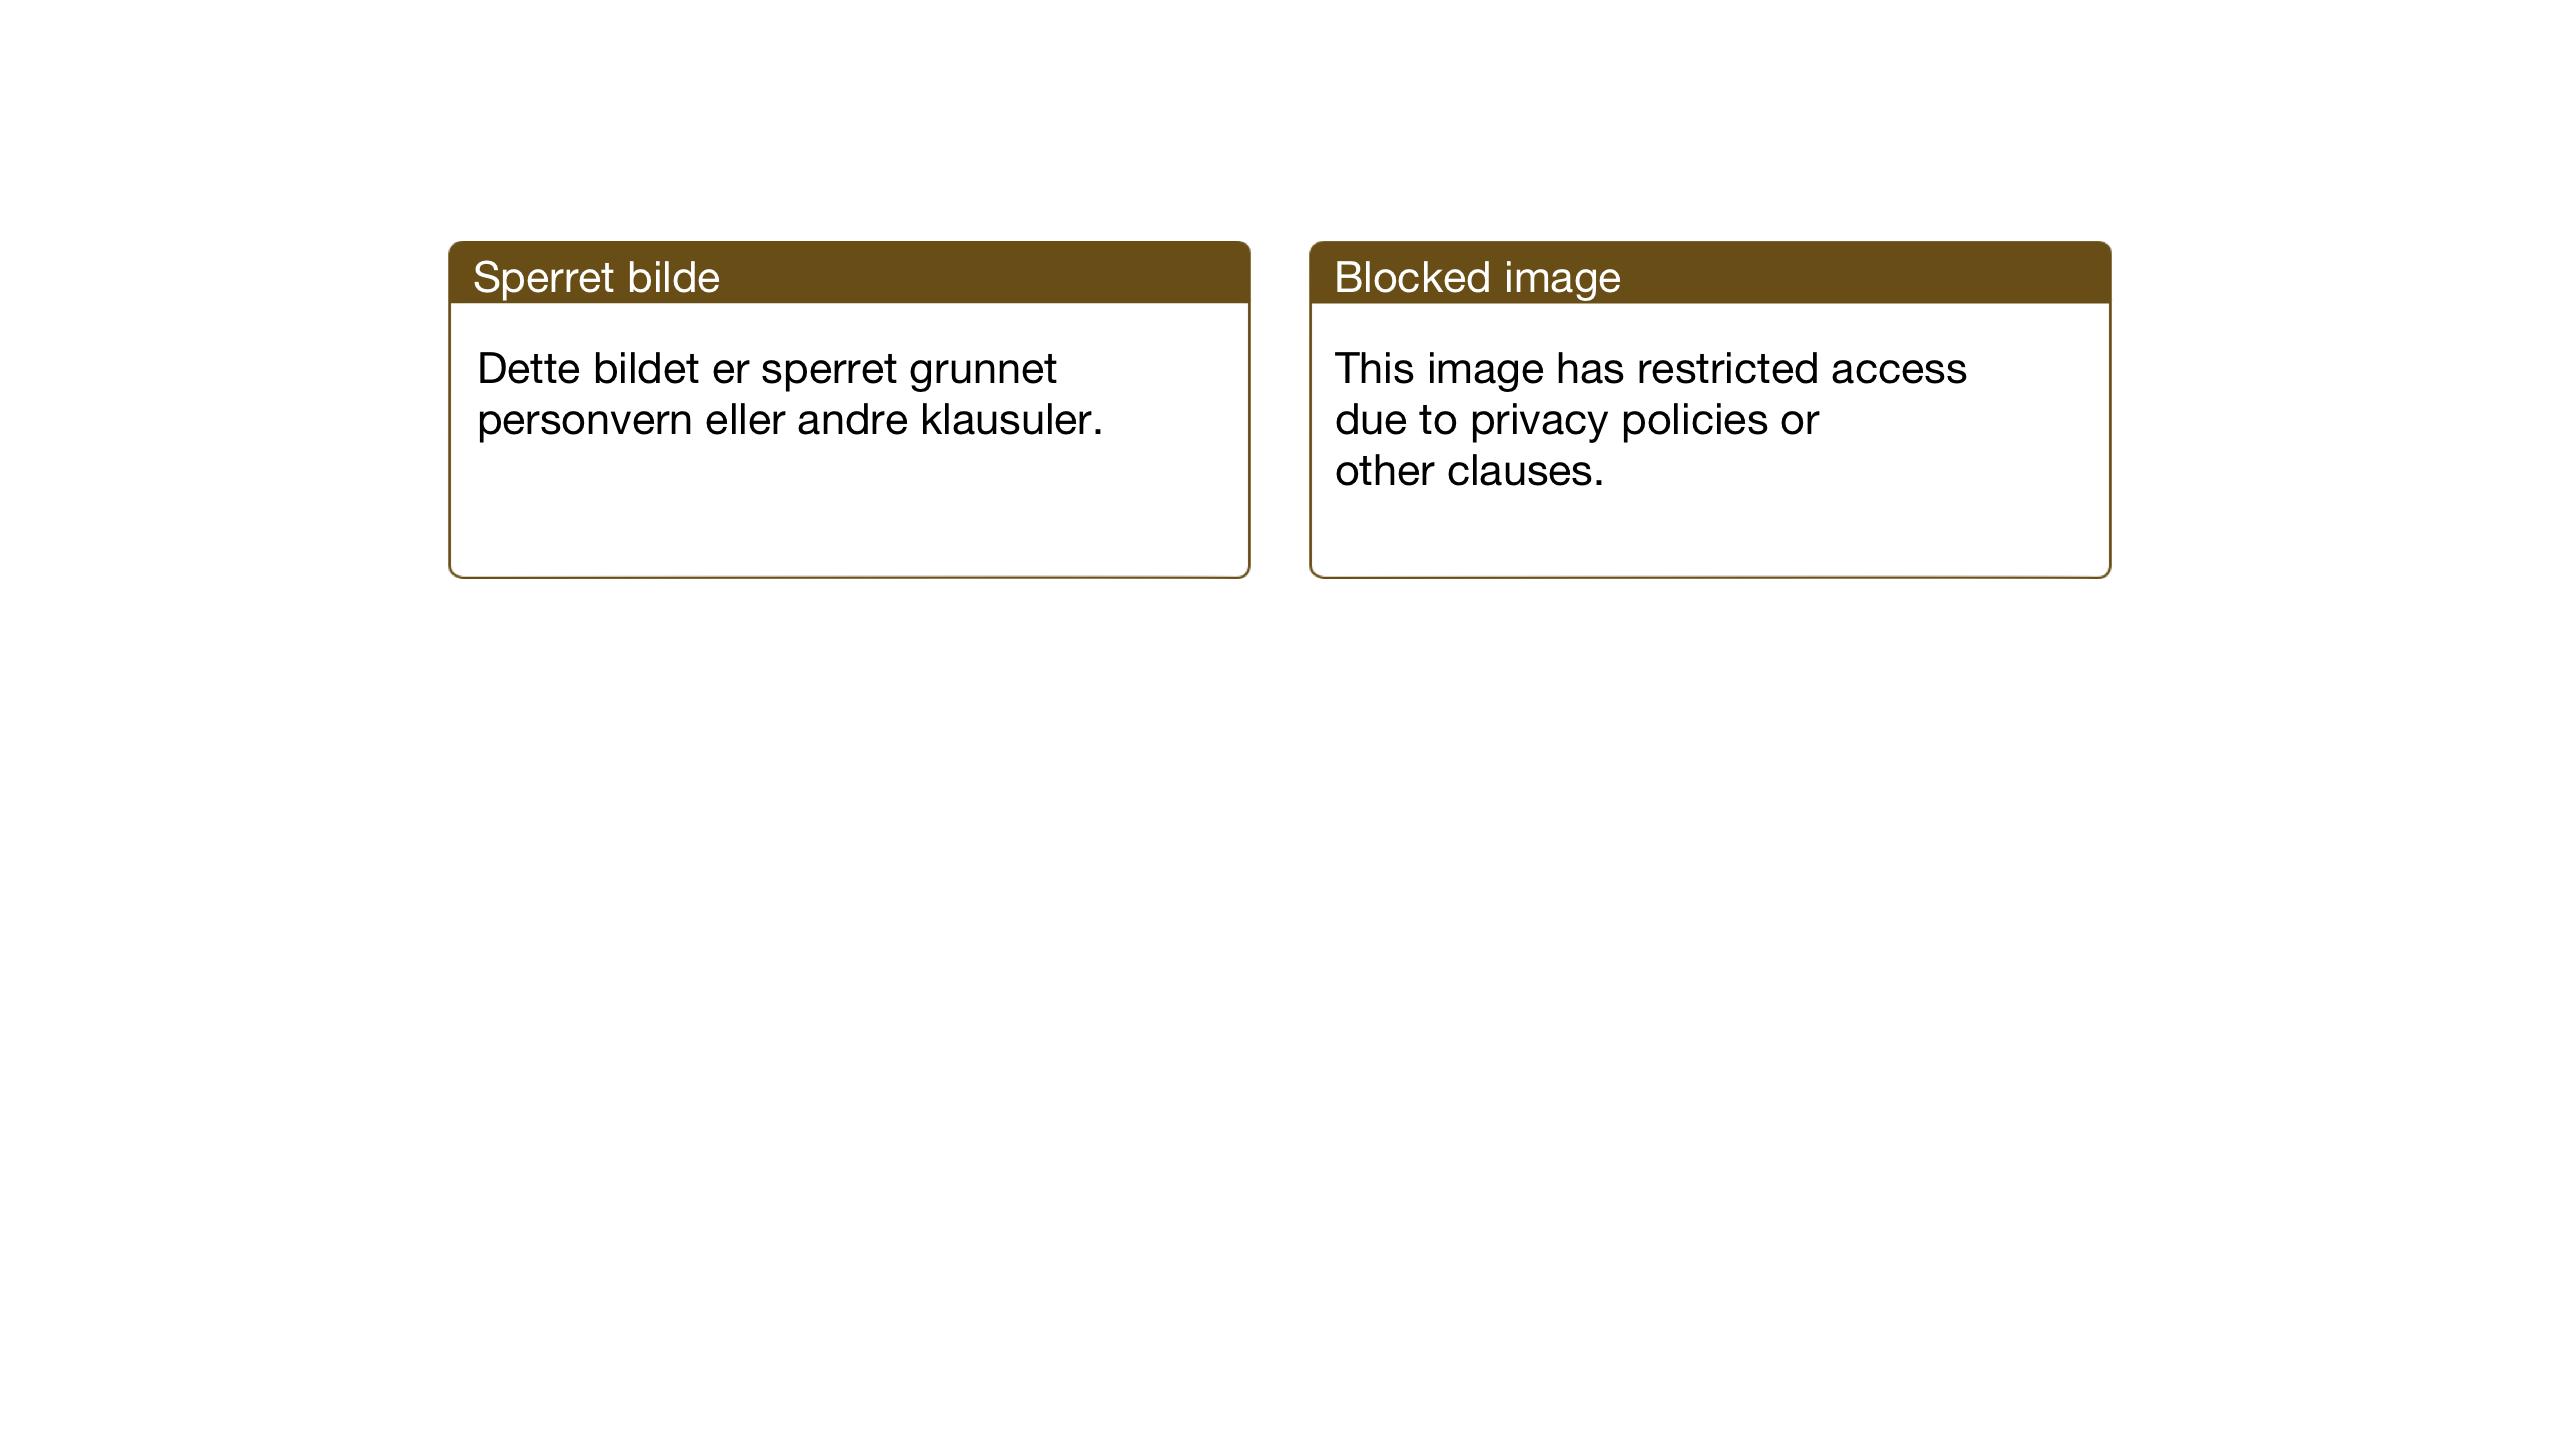 SAT, Ministerialprotokoller, klokkerbøker og fødselsregistre - Nord-Trøndelag, 755/L0500: Klokkerbok nr. 755C01, 1920-1962, s. 182